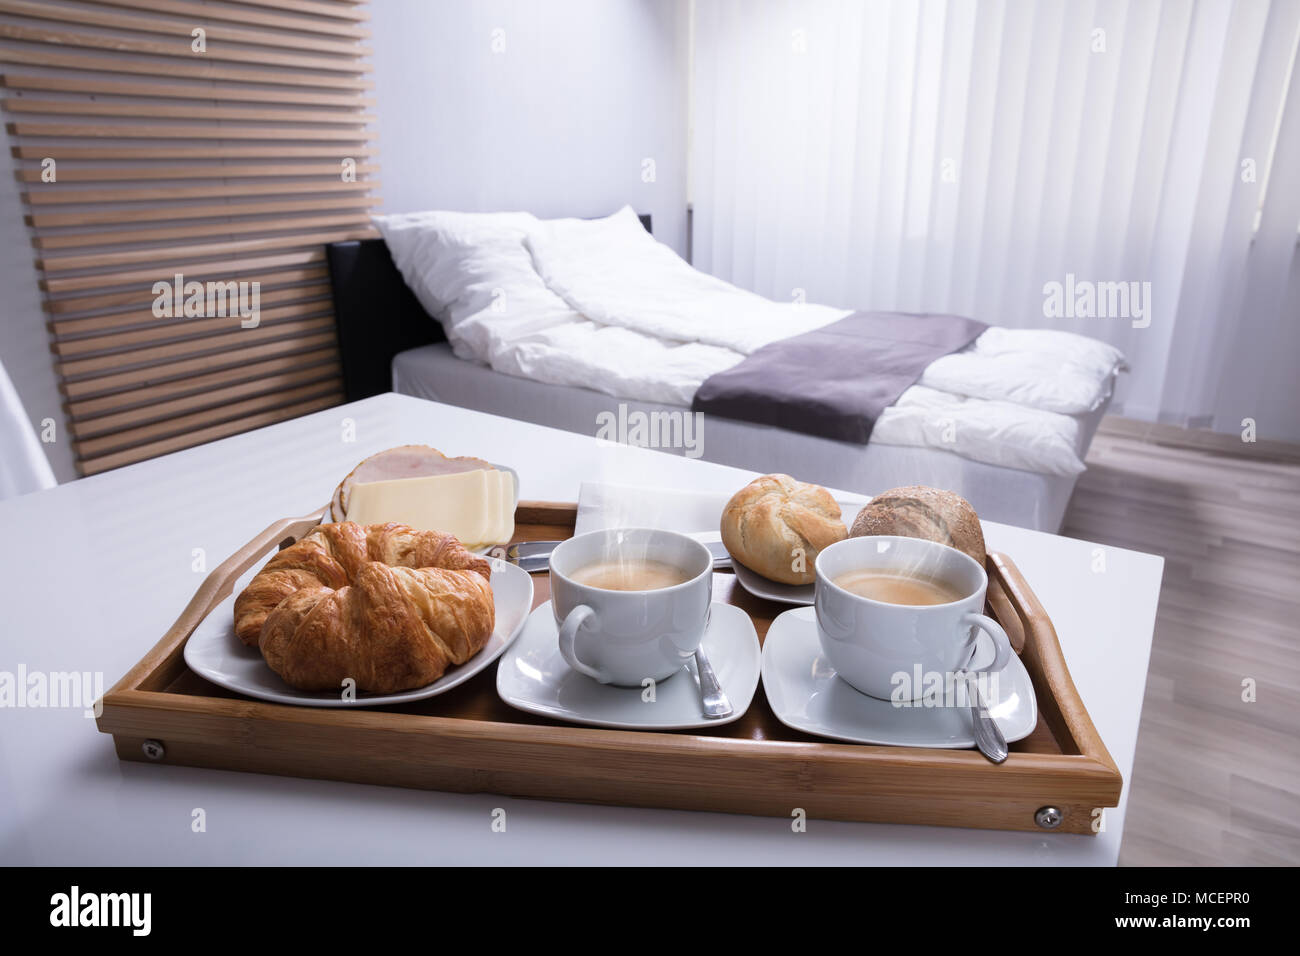 Frische Croissants und Tasse Tee in Holz- Fach zum Frühstück Stockbild